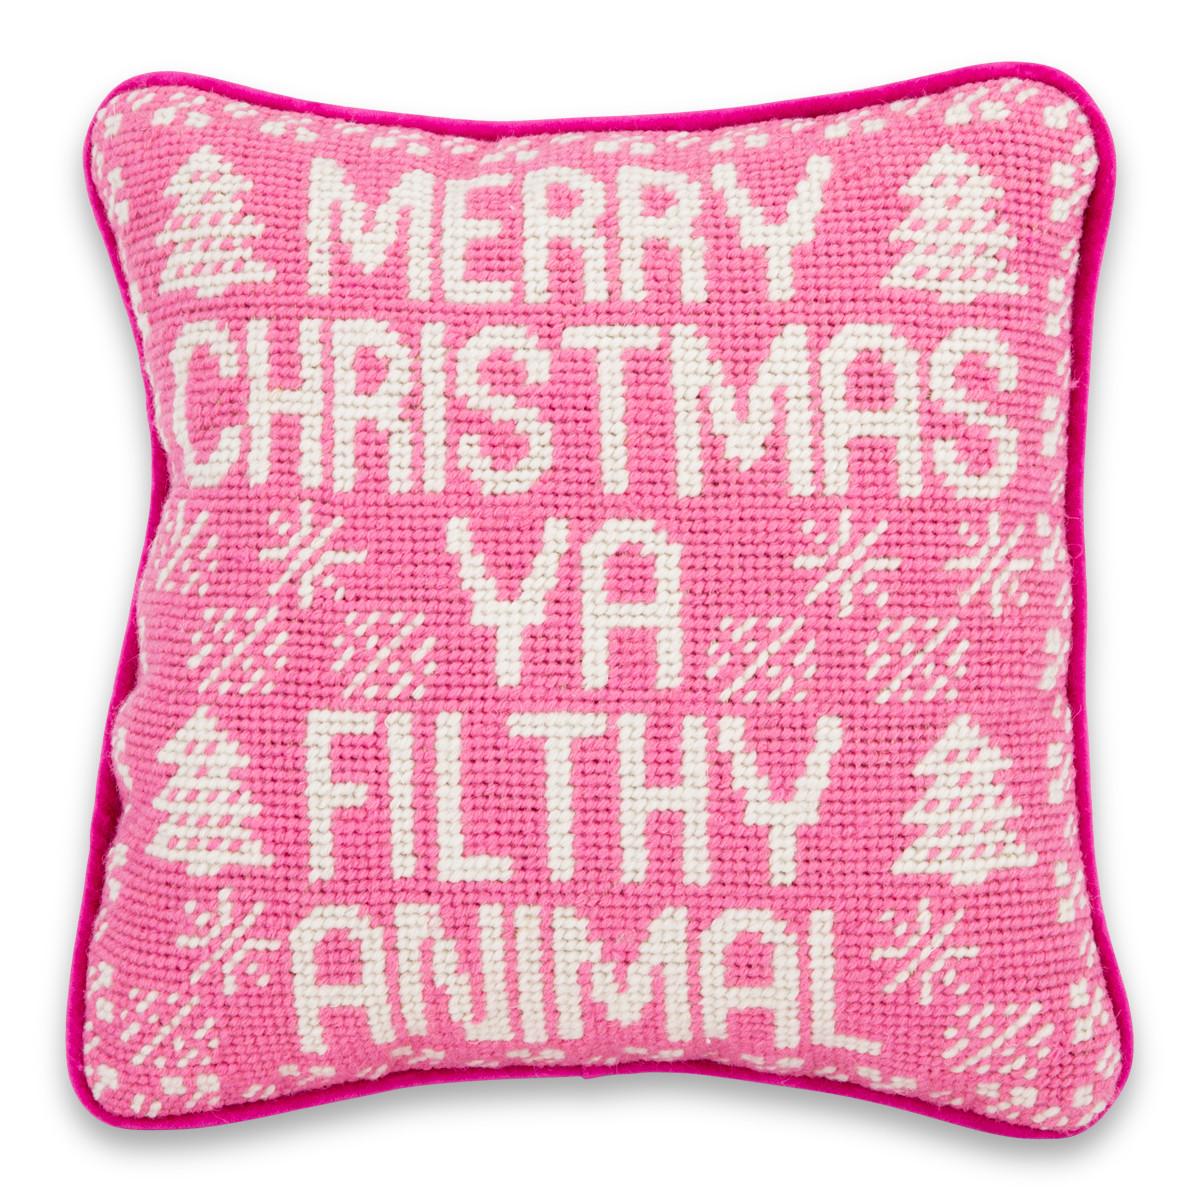 Furbish Studio Merry Christmas Filthy Animal Needlepoint Pillow - Deck Your Halls Christmas Ornaments and Home Decor